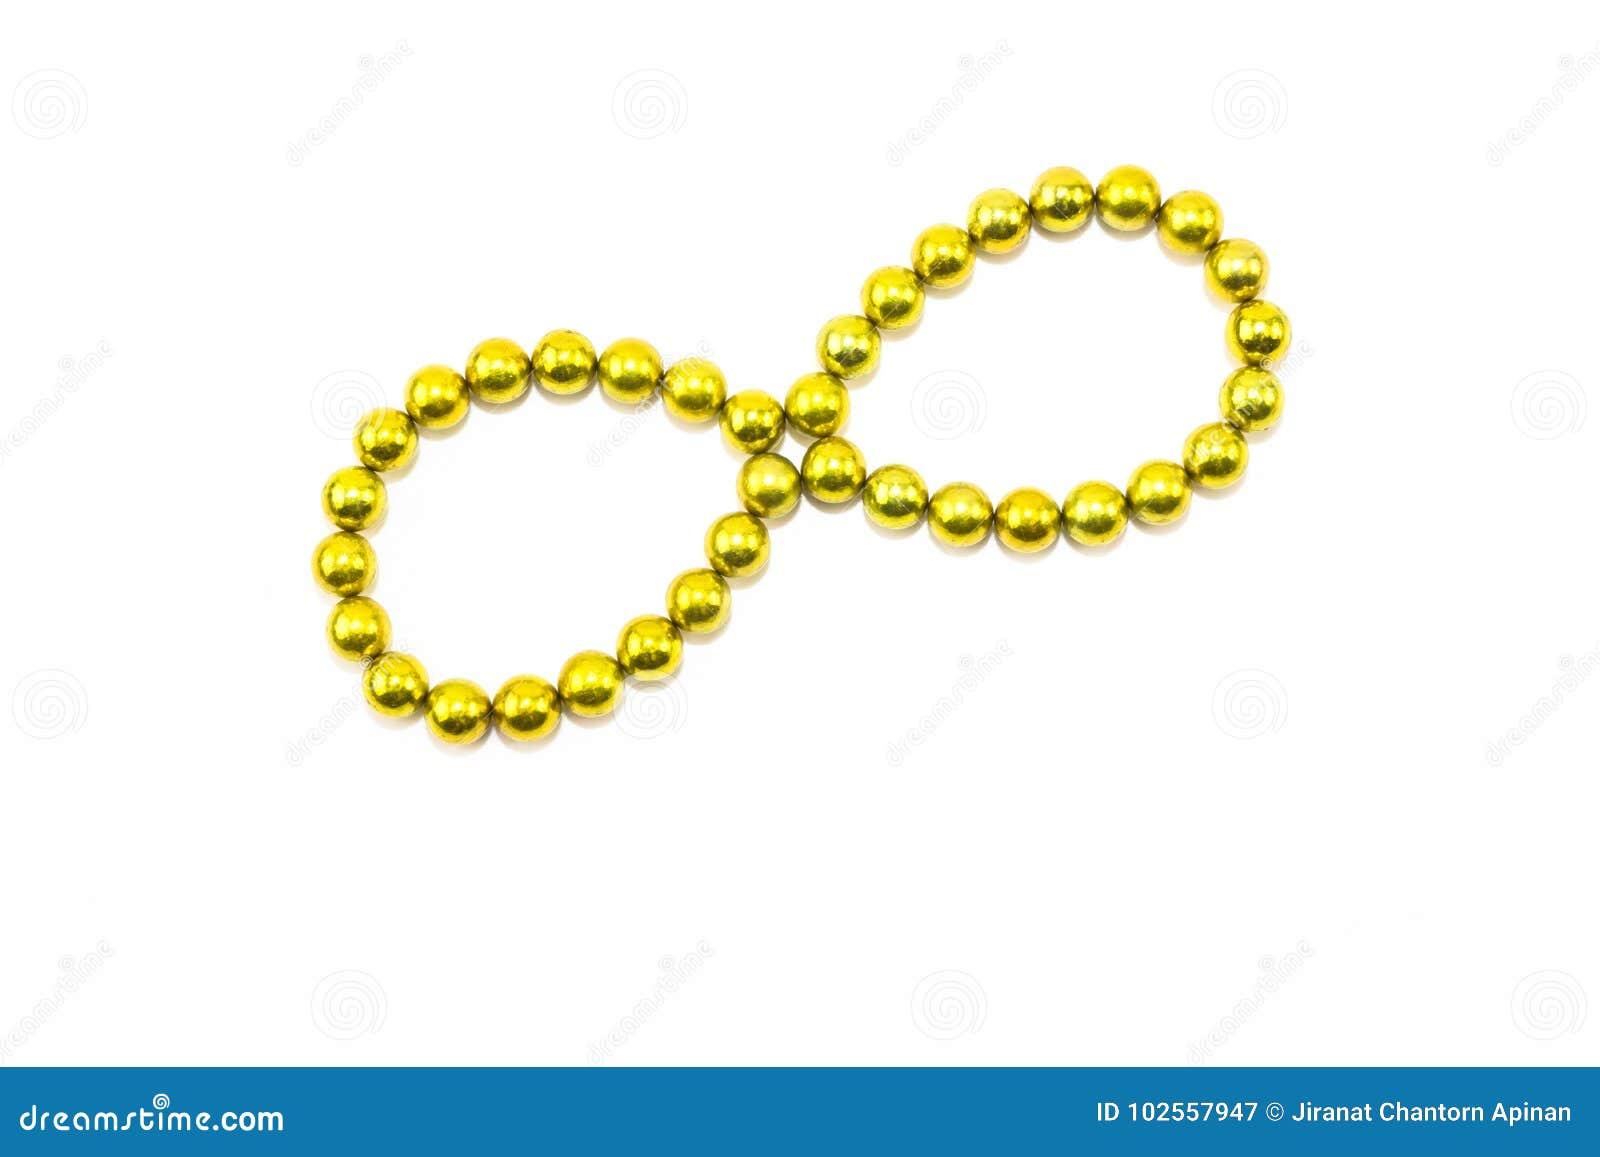 Желтый циркуляр аранжирует в безграничности на белом фоне